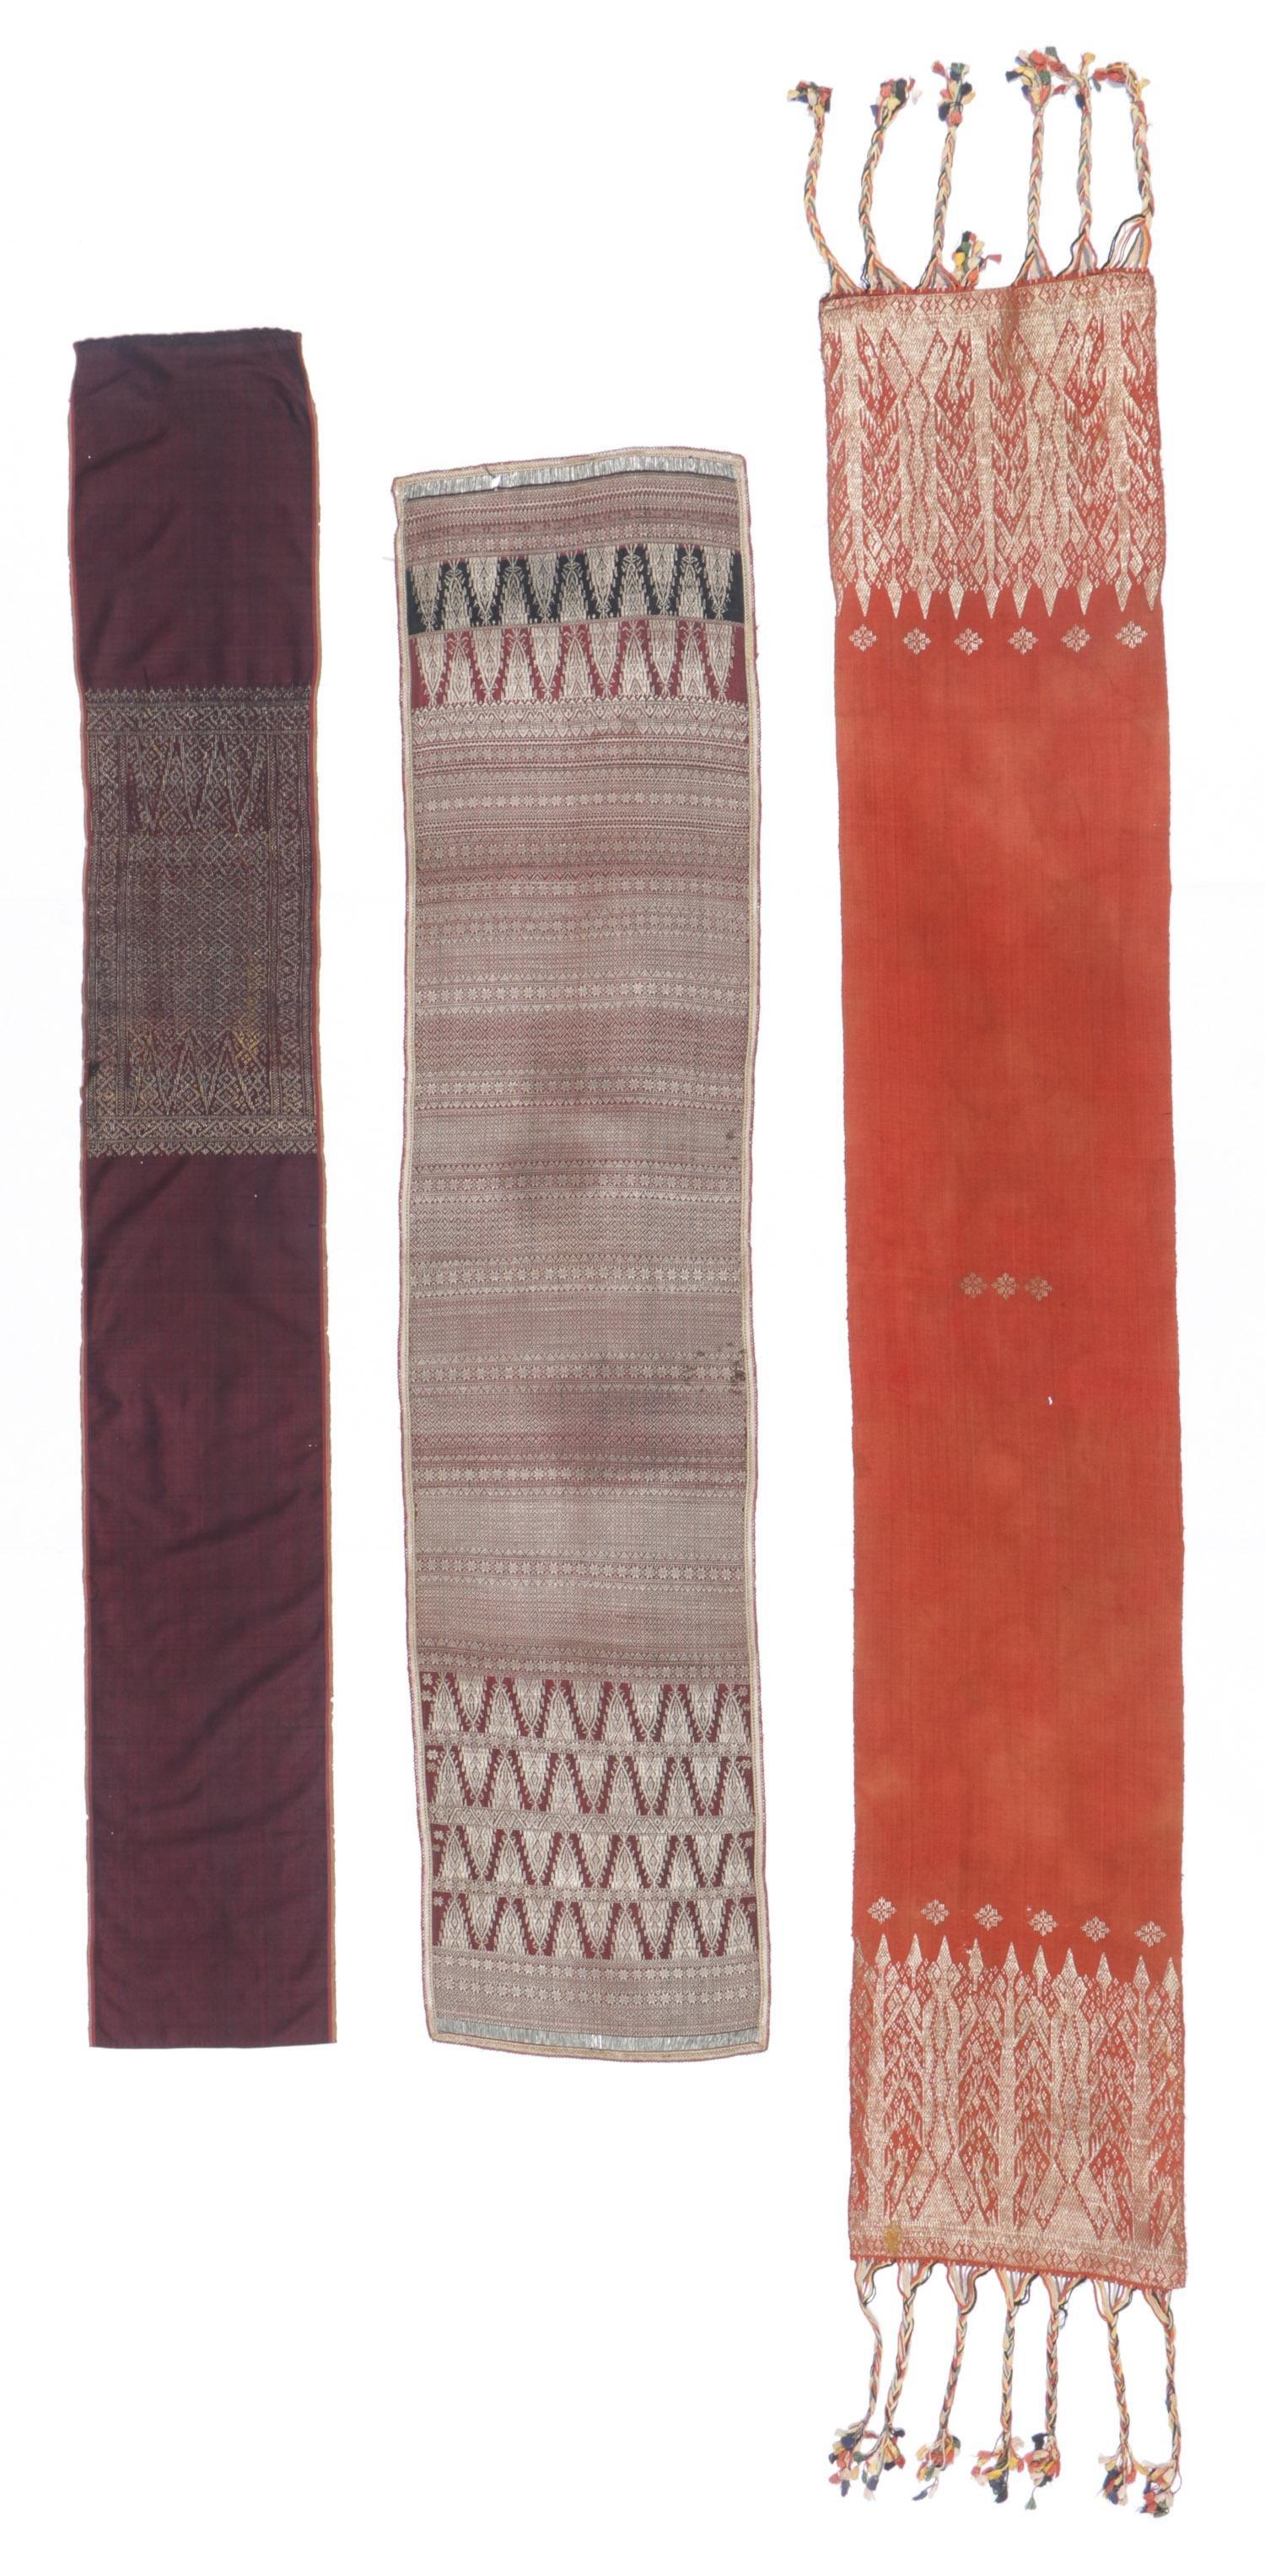 3 Antique Sumatran Songket Textiles